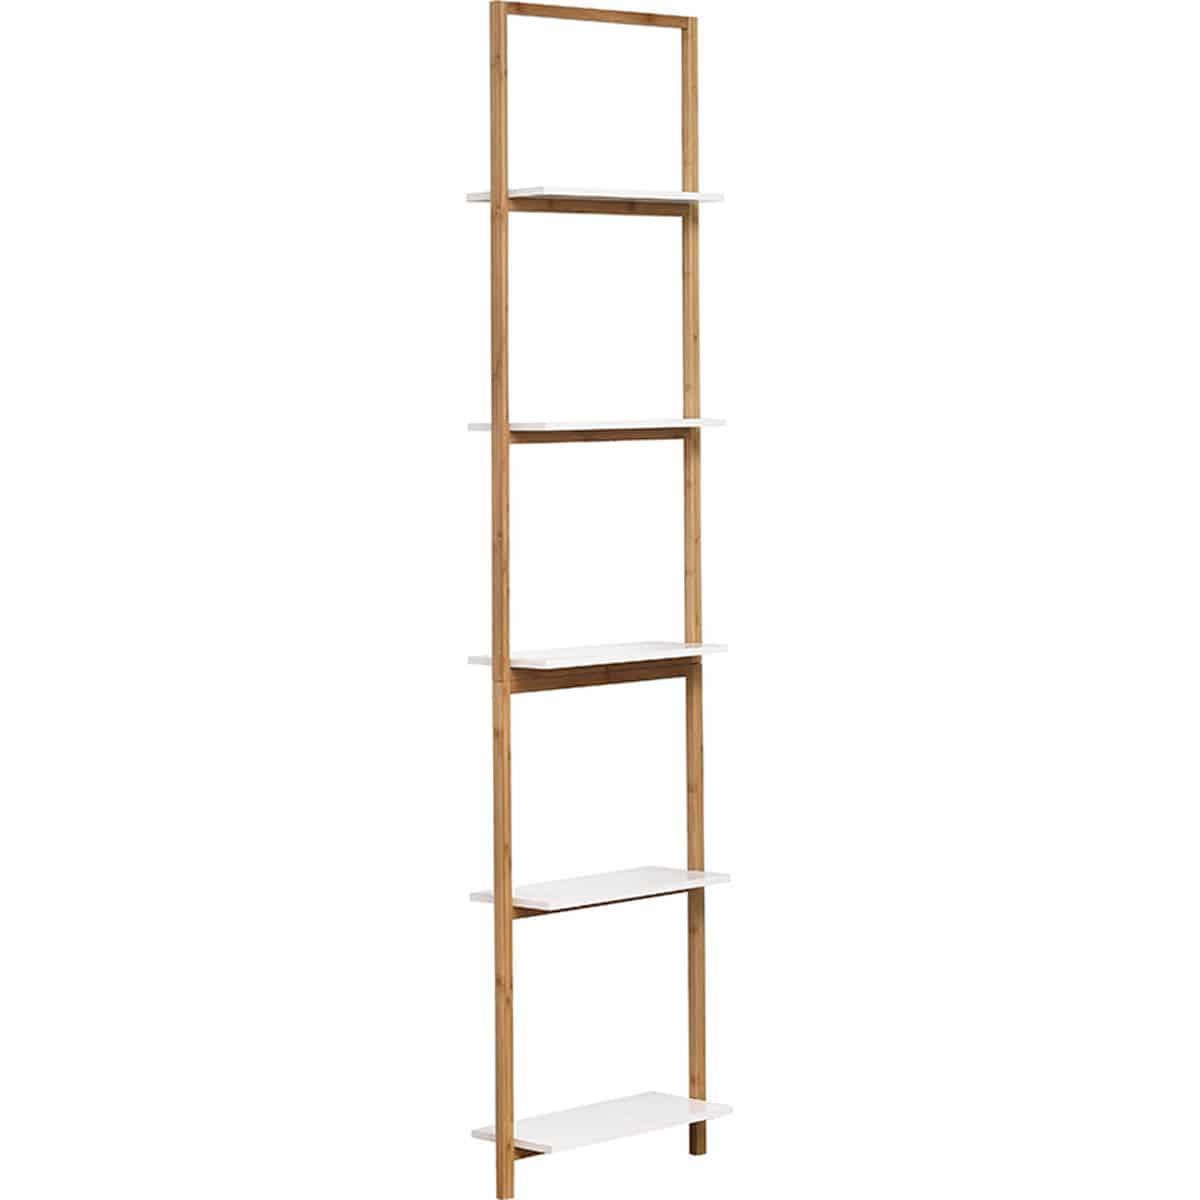 4goodz staand wandrek Nuovo 5 planken 20x40x180 cm - Wit/Bruin